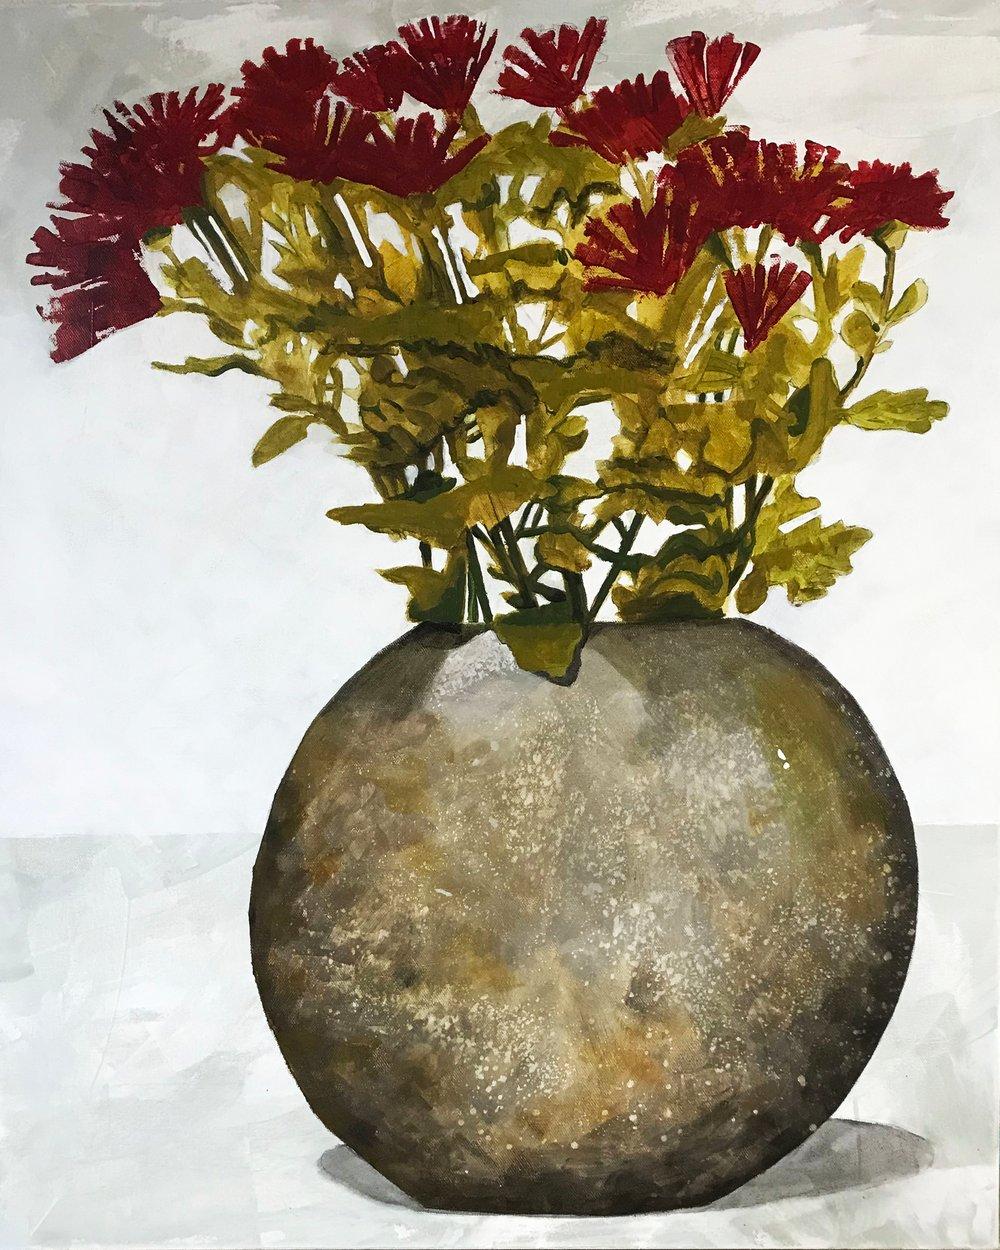 Image of Tarnished Silver Vase